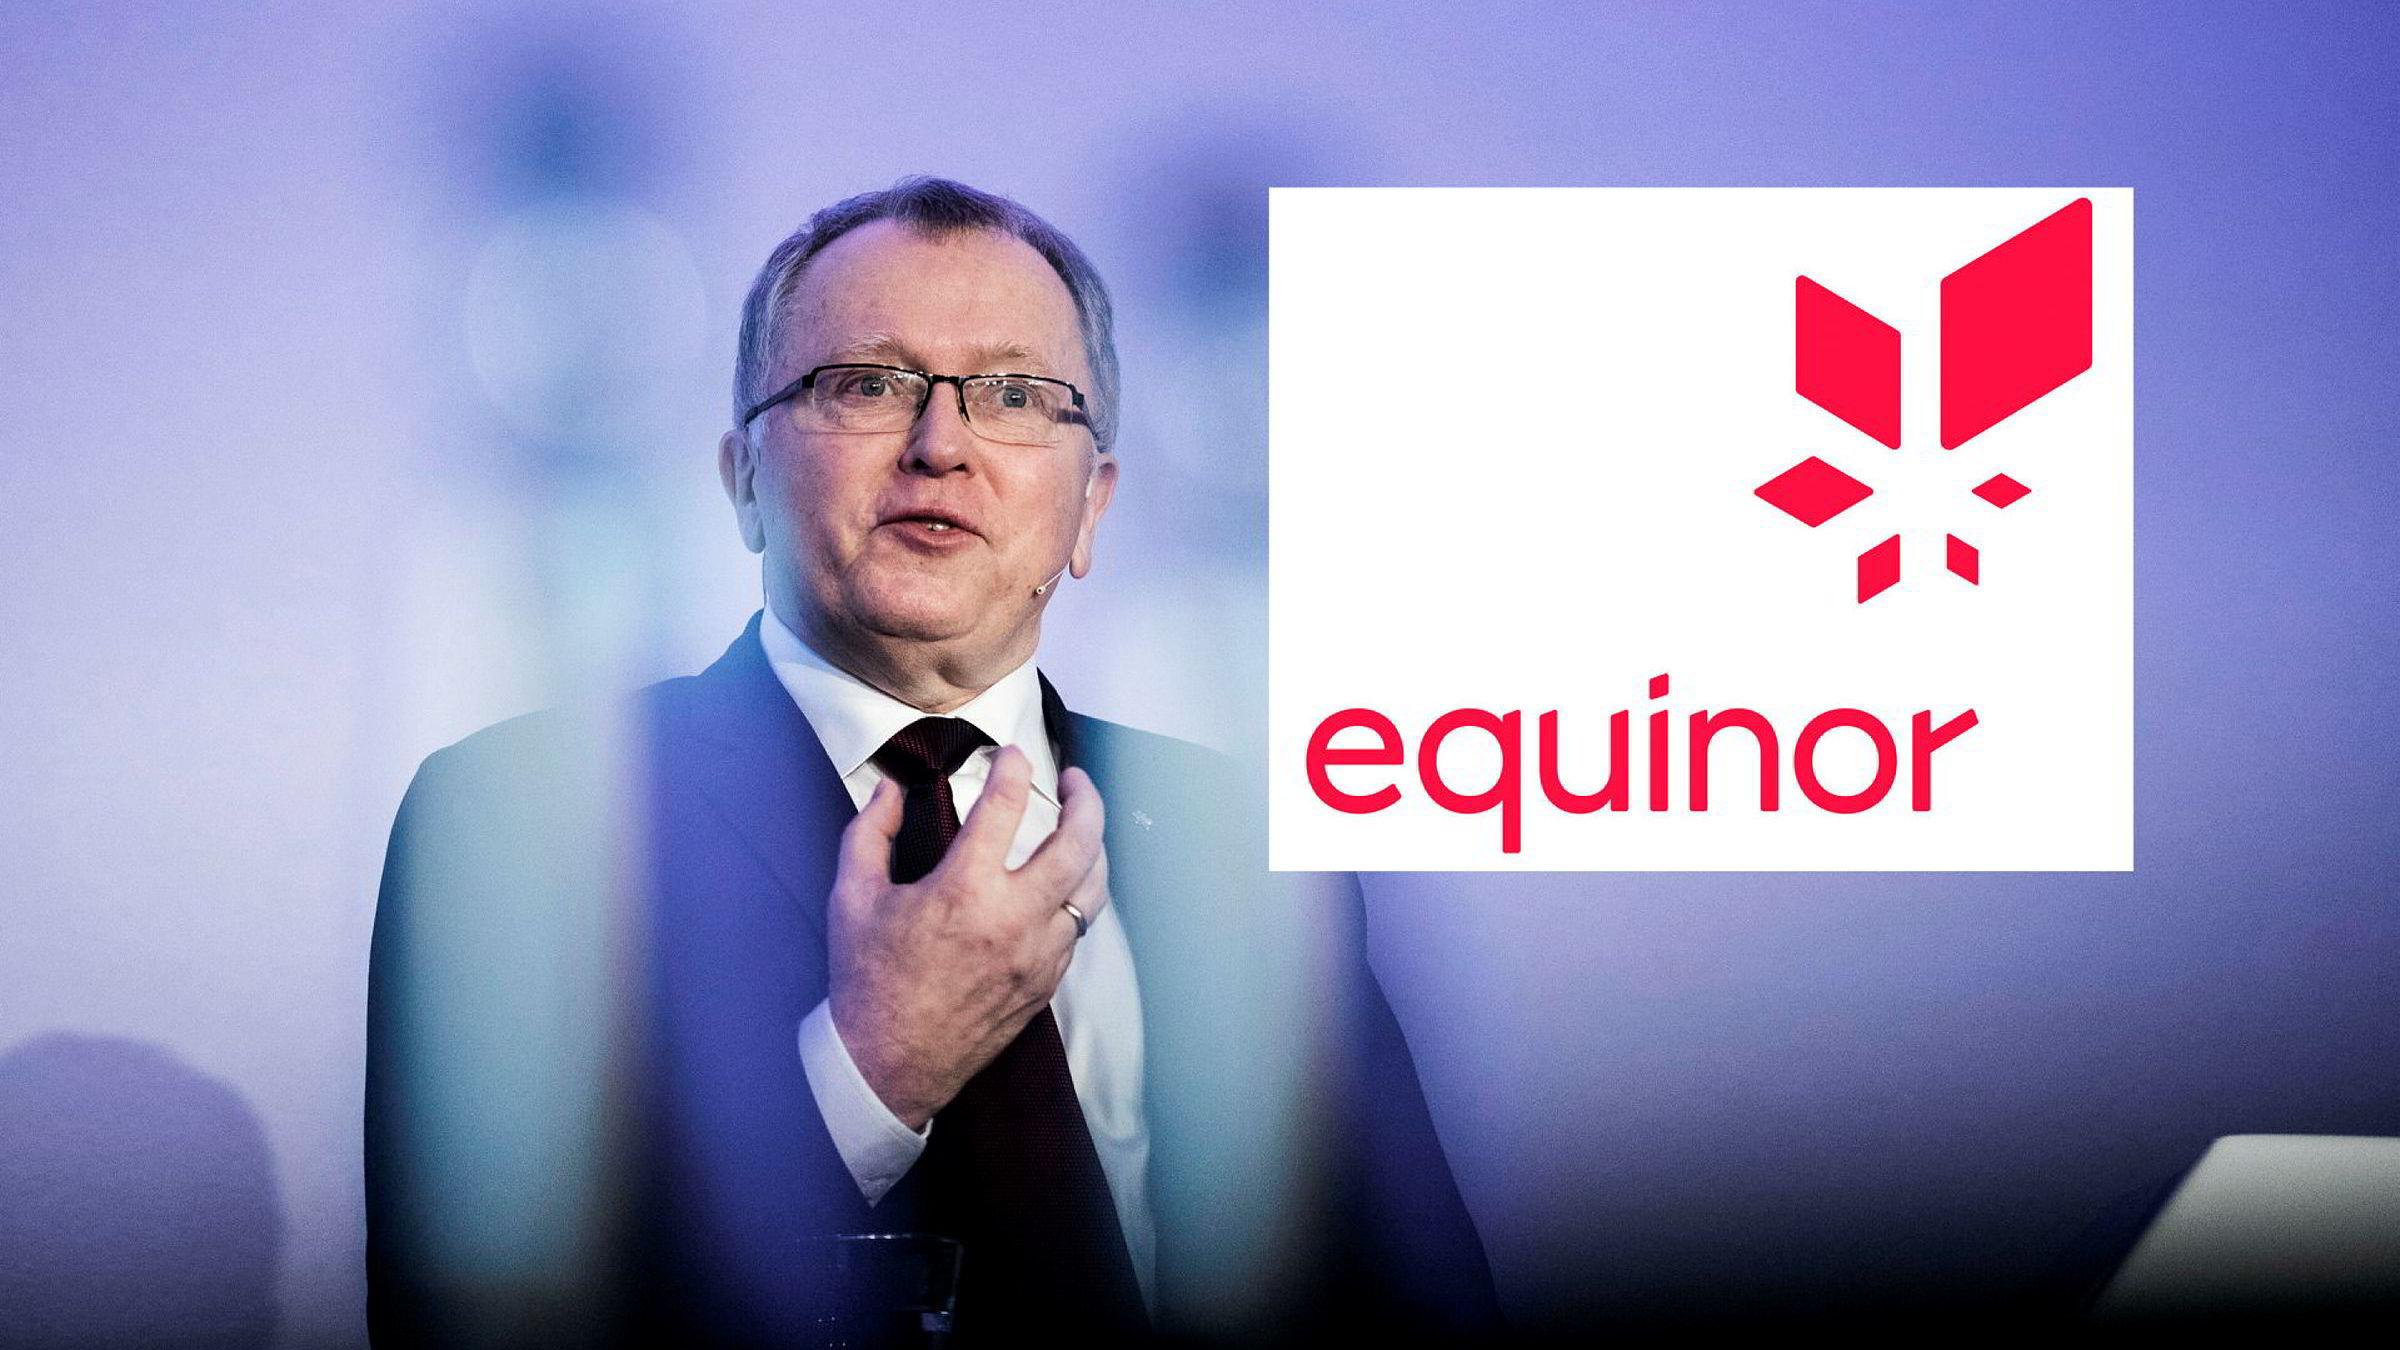 – Navnet Equinor beskriver vår opprinnelse, våre verdier og hva vi vil være i fremtiden, sier Eldar Sætre.